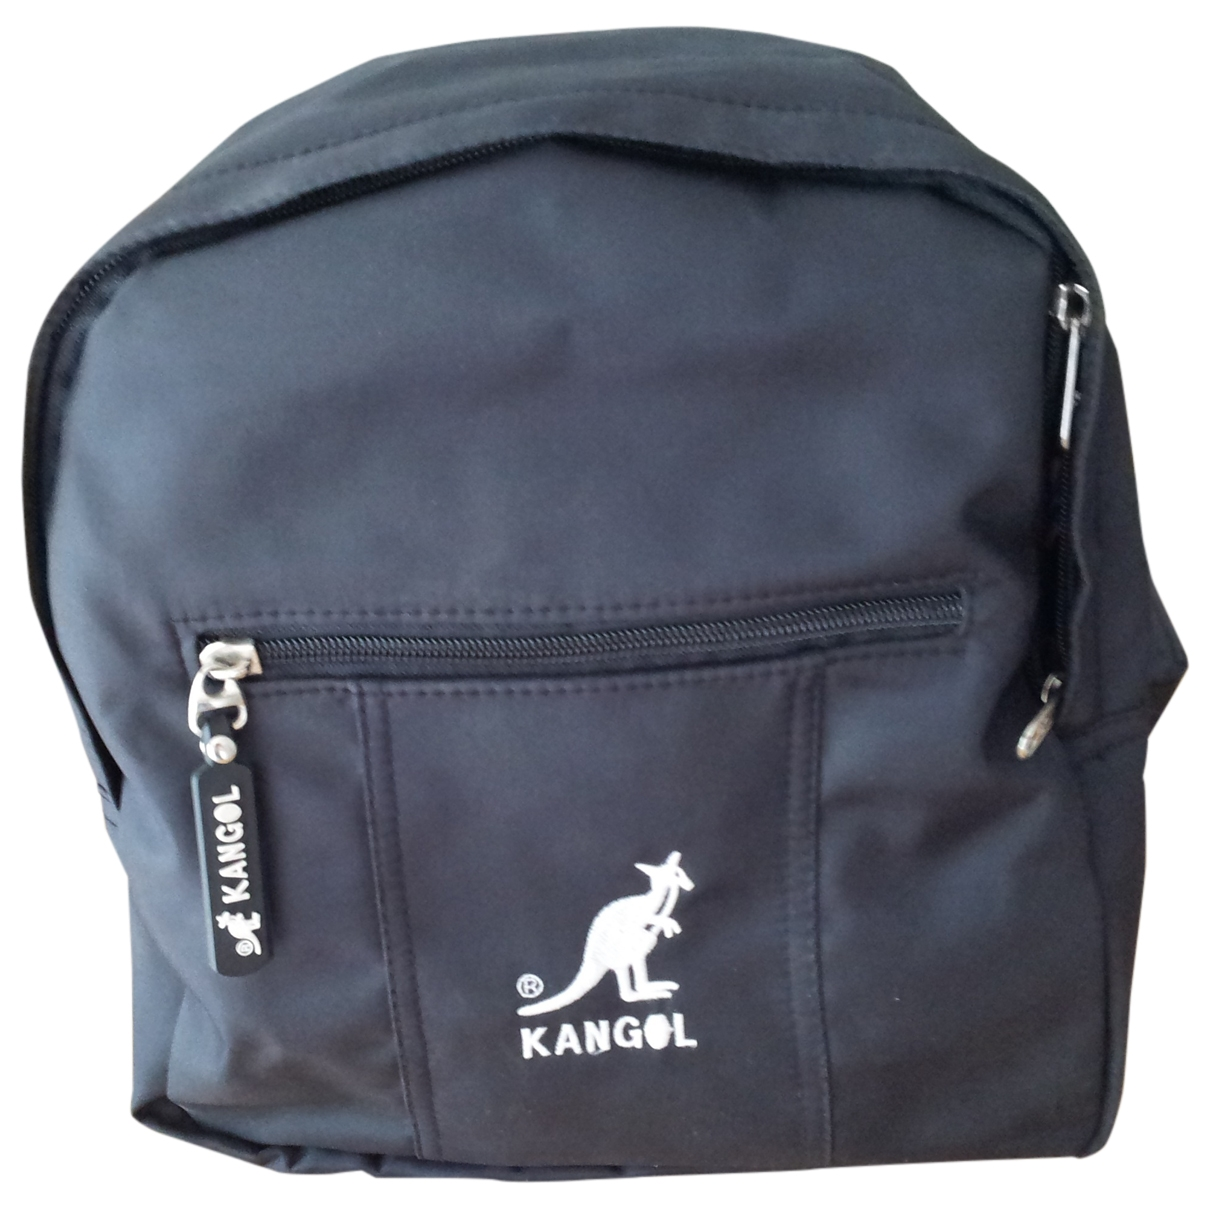 Kangol - Sac   pour enfant en cuir - noir